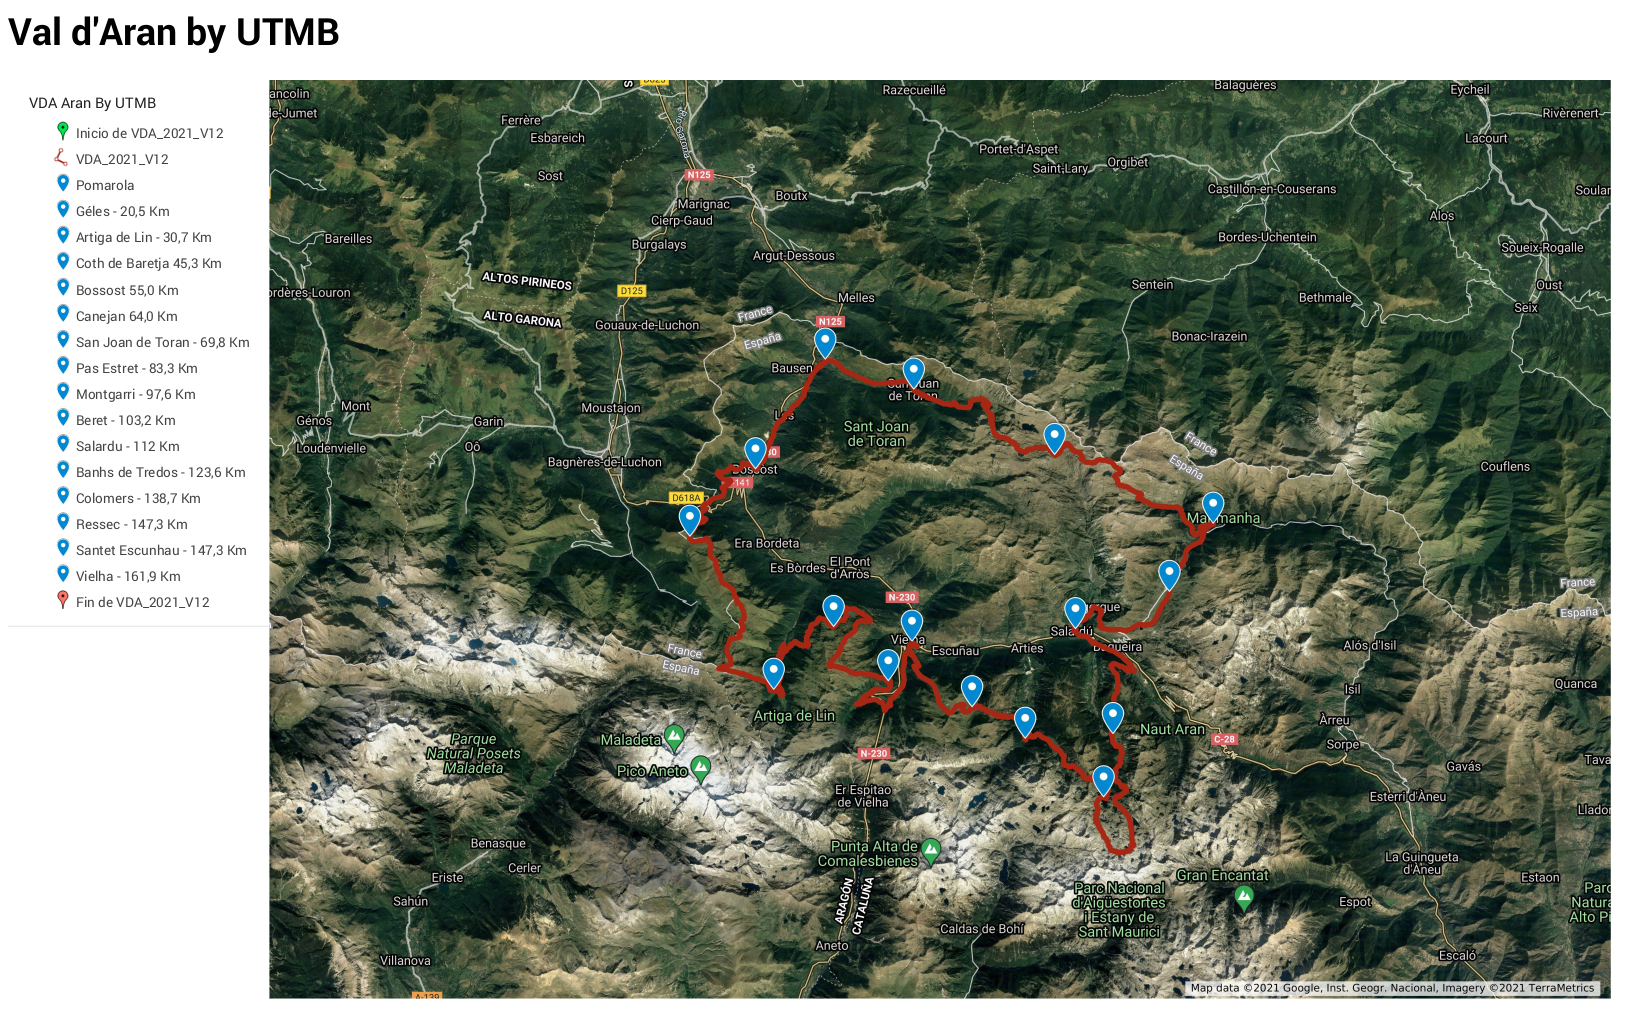 Recorrido VDA - Val d'Aran by UTMB 2021